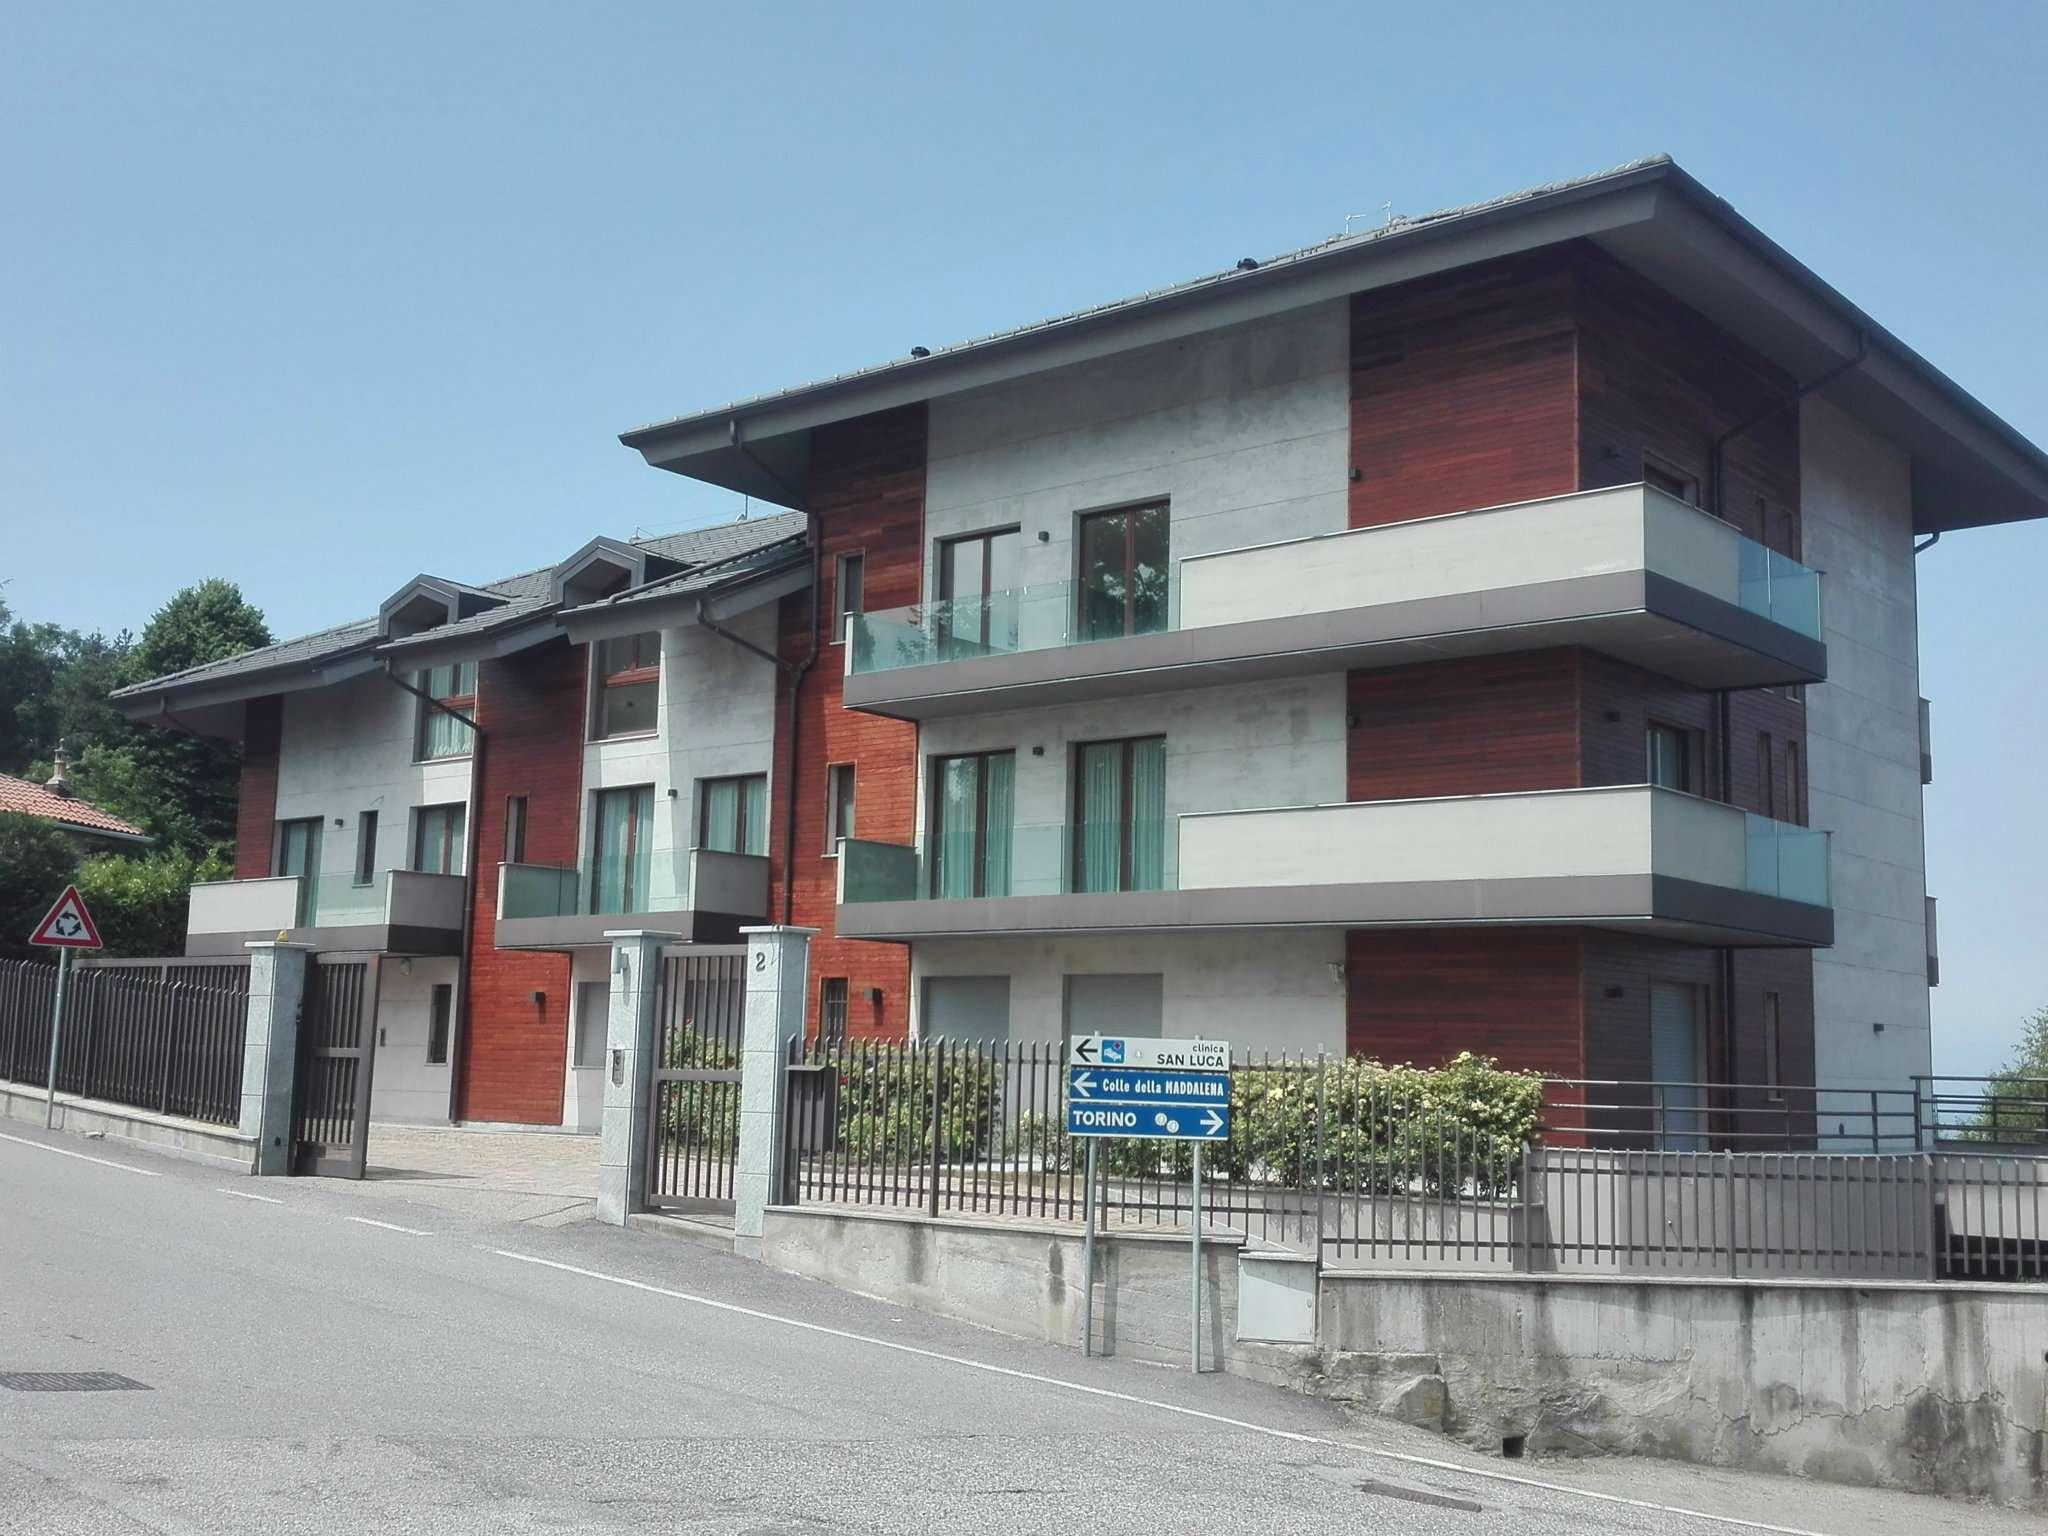 Appartamento in vendita a Pecetto Torinese, 9999 locali, prezzo € 590.000 | CambioCasa.it